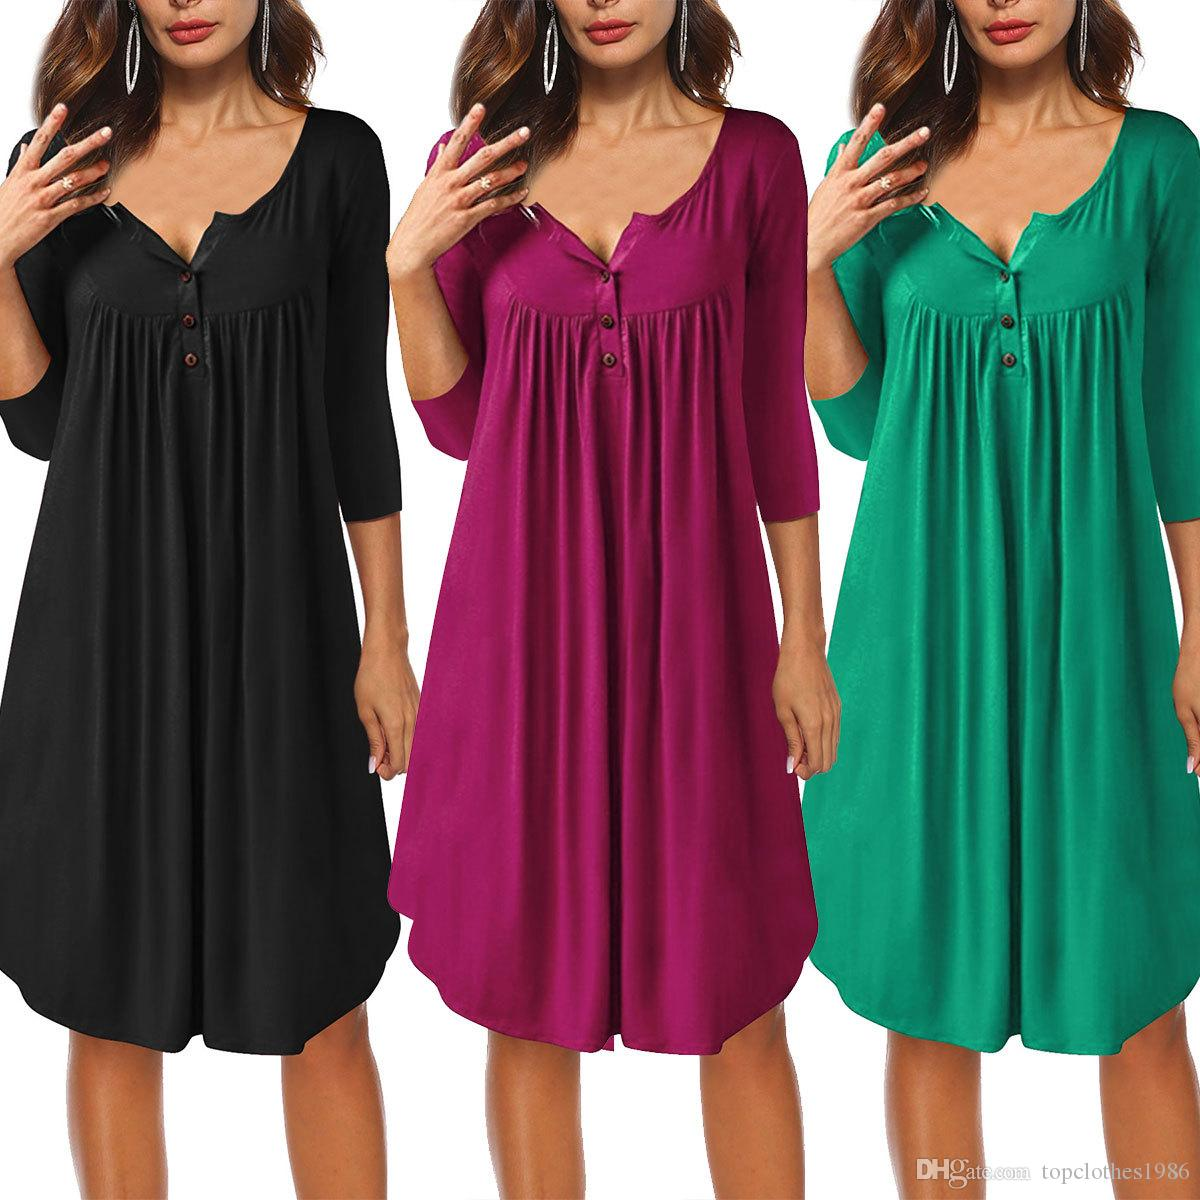 Jesień Nowy Styl Damska Dówna sukienka Przycisk 3 / 4Sleeve T-shirt Sukienka Damska Luźna Dresy S M L XL Zielona Czarna Rose